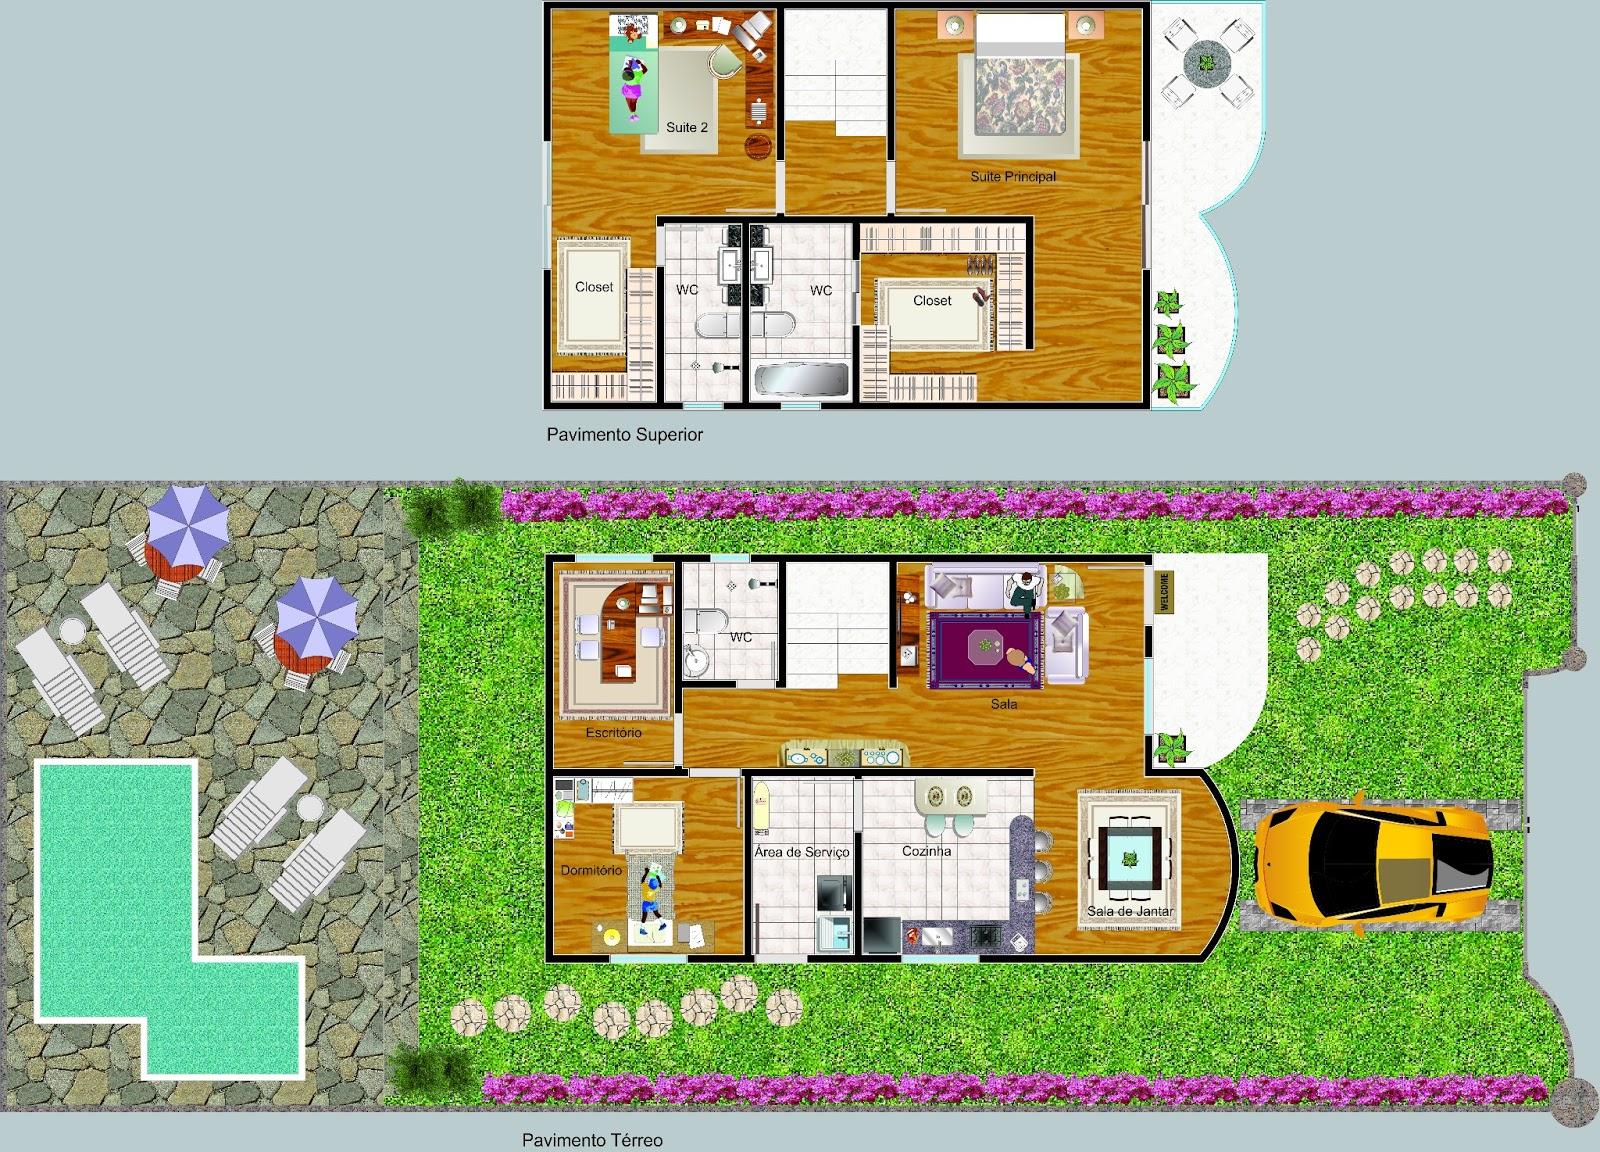 Vivicad projeto arquitet nico desenvolvido em autocad e for Casa moderna autocad